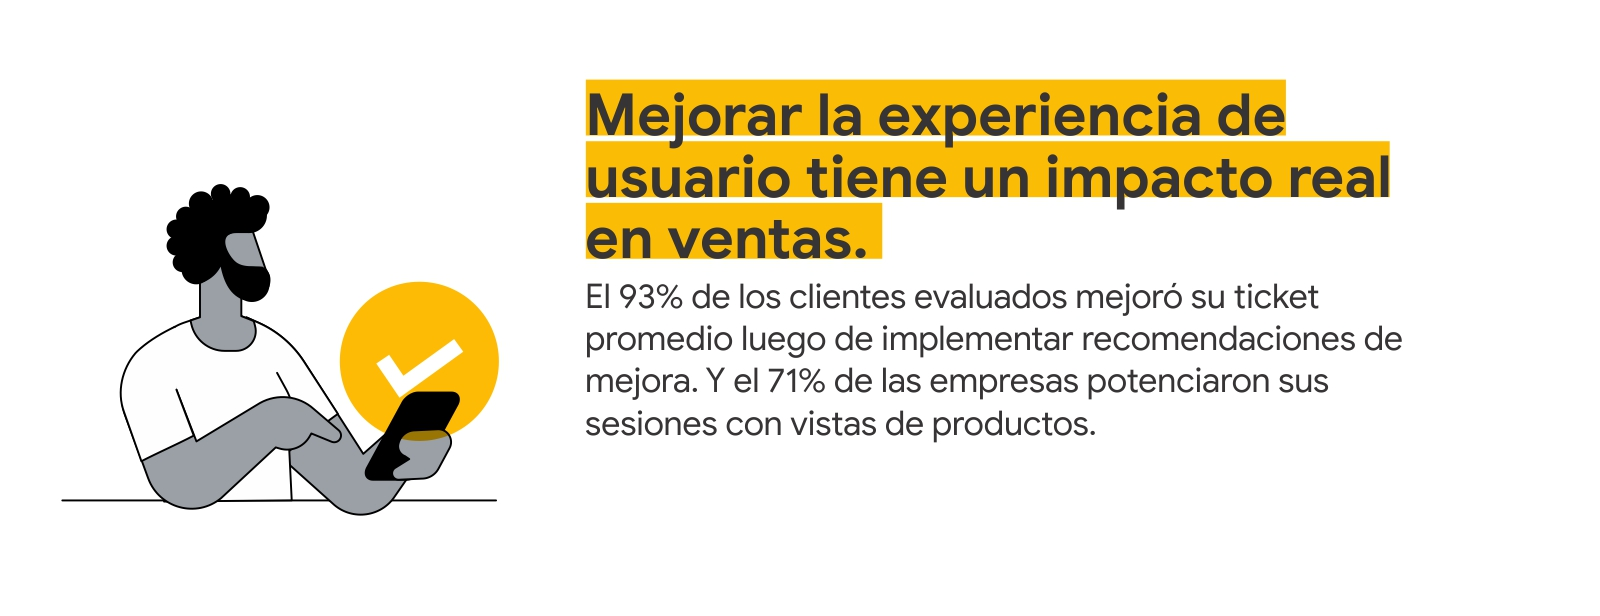 Mejorar la experiencia de usuario tiene un impacto real en ventas.